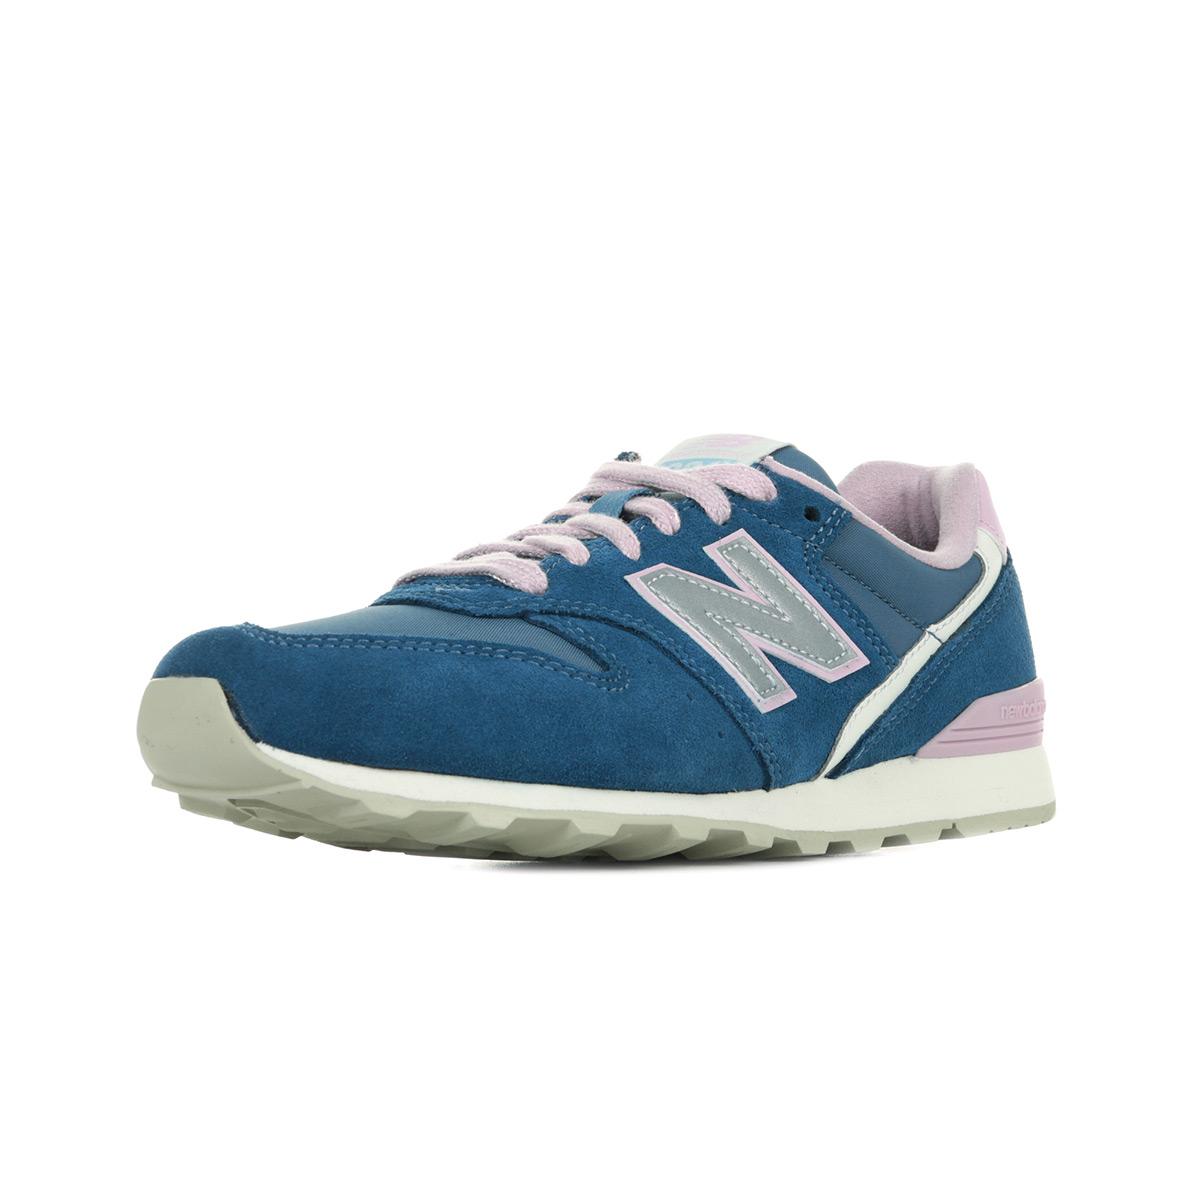 new balance femme 996 bleu marine